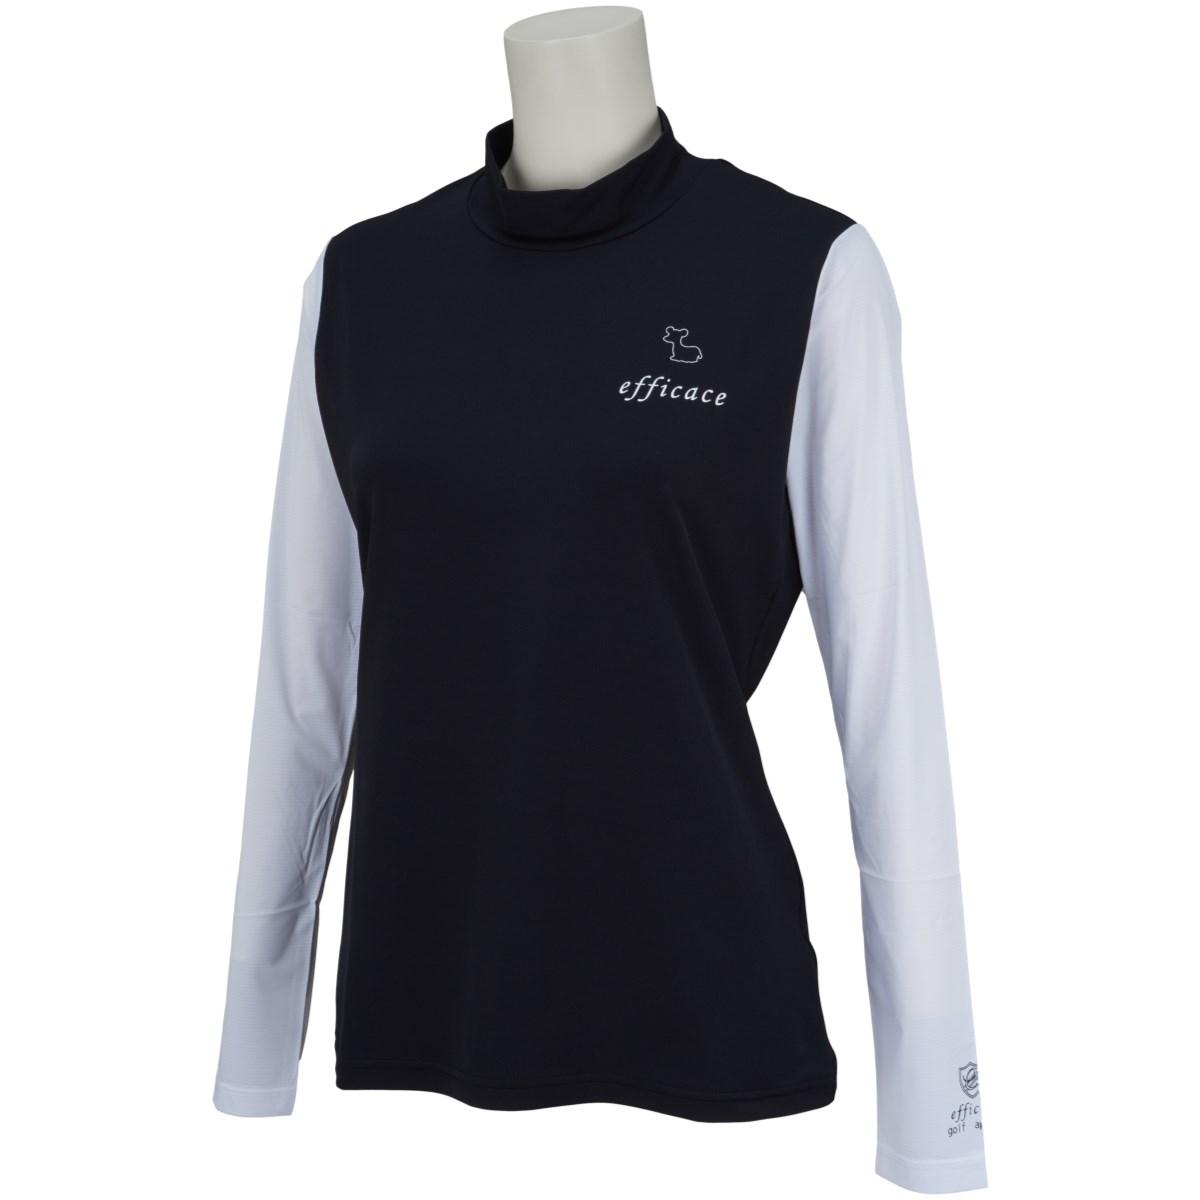 エフィカス efficace アイススキンスリーブモックネック 長袖インナーシャツ S ブラック/ホワイト レディス